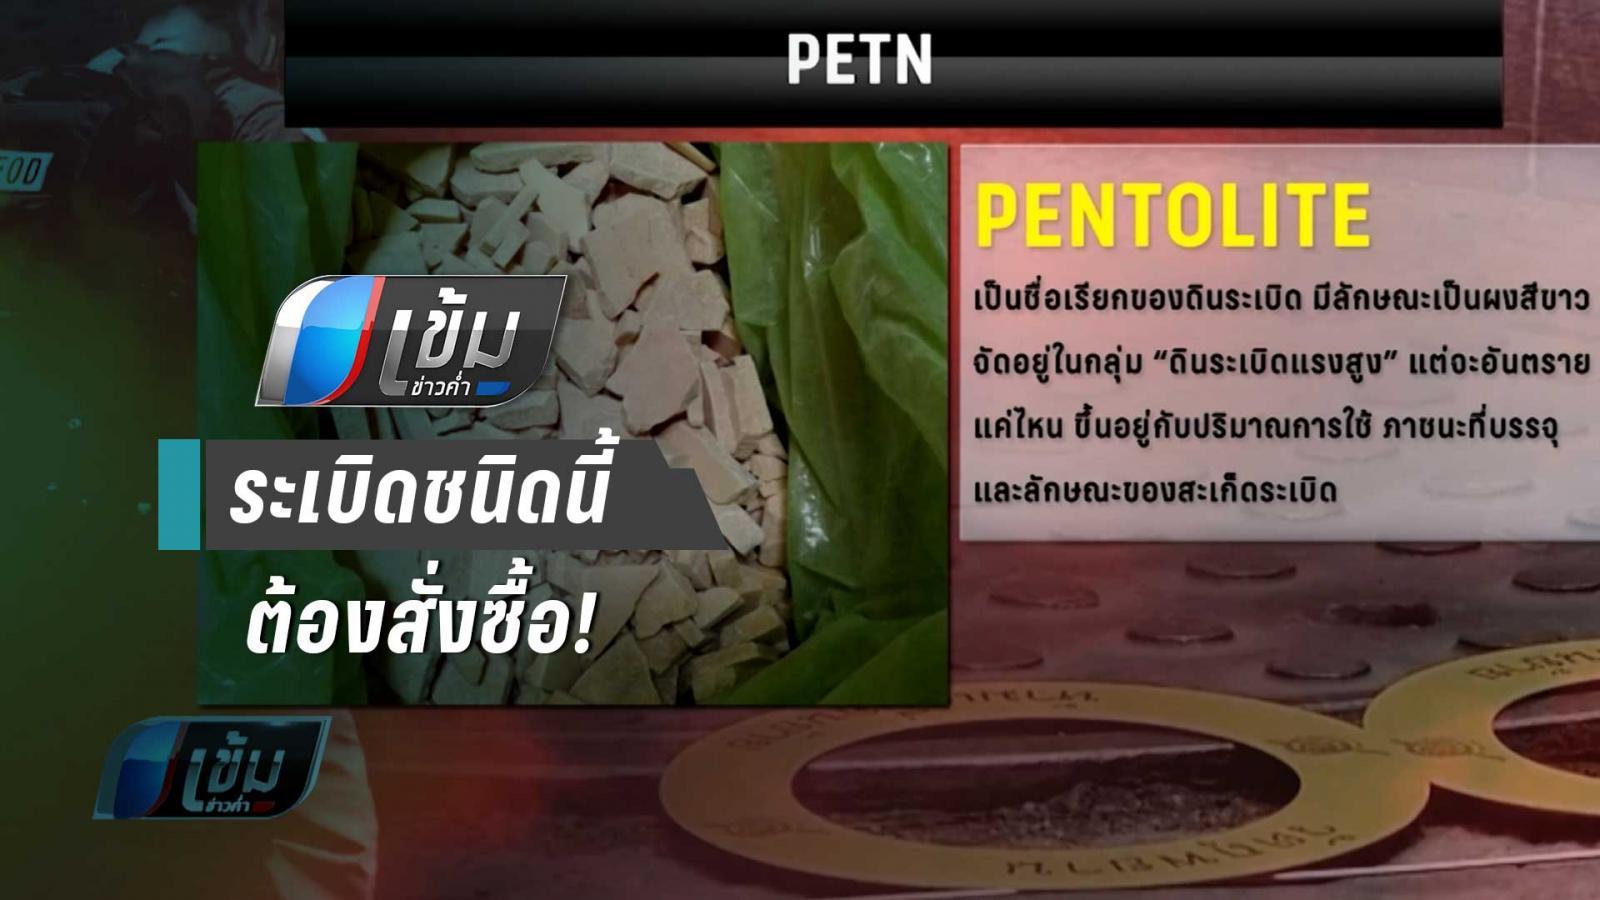 """เผยระเบิดป่วนกรุง ใช้ดินระเบิดแรงสูง """"PETN"""" - นักวิชาการ ชี้เพียง 100 กรัม ทำลายรถยนต์ได้"""